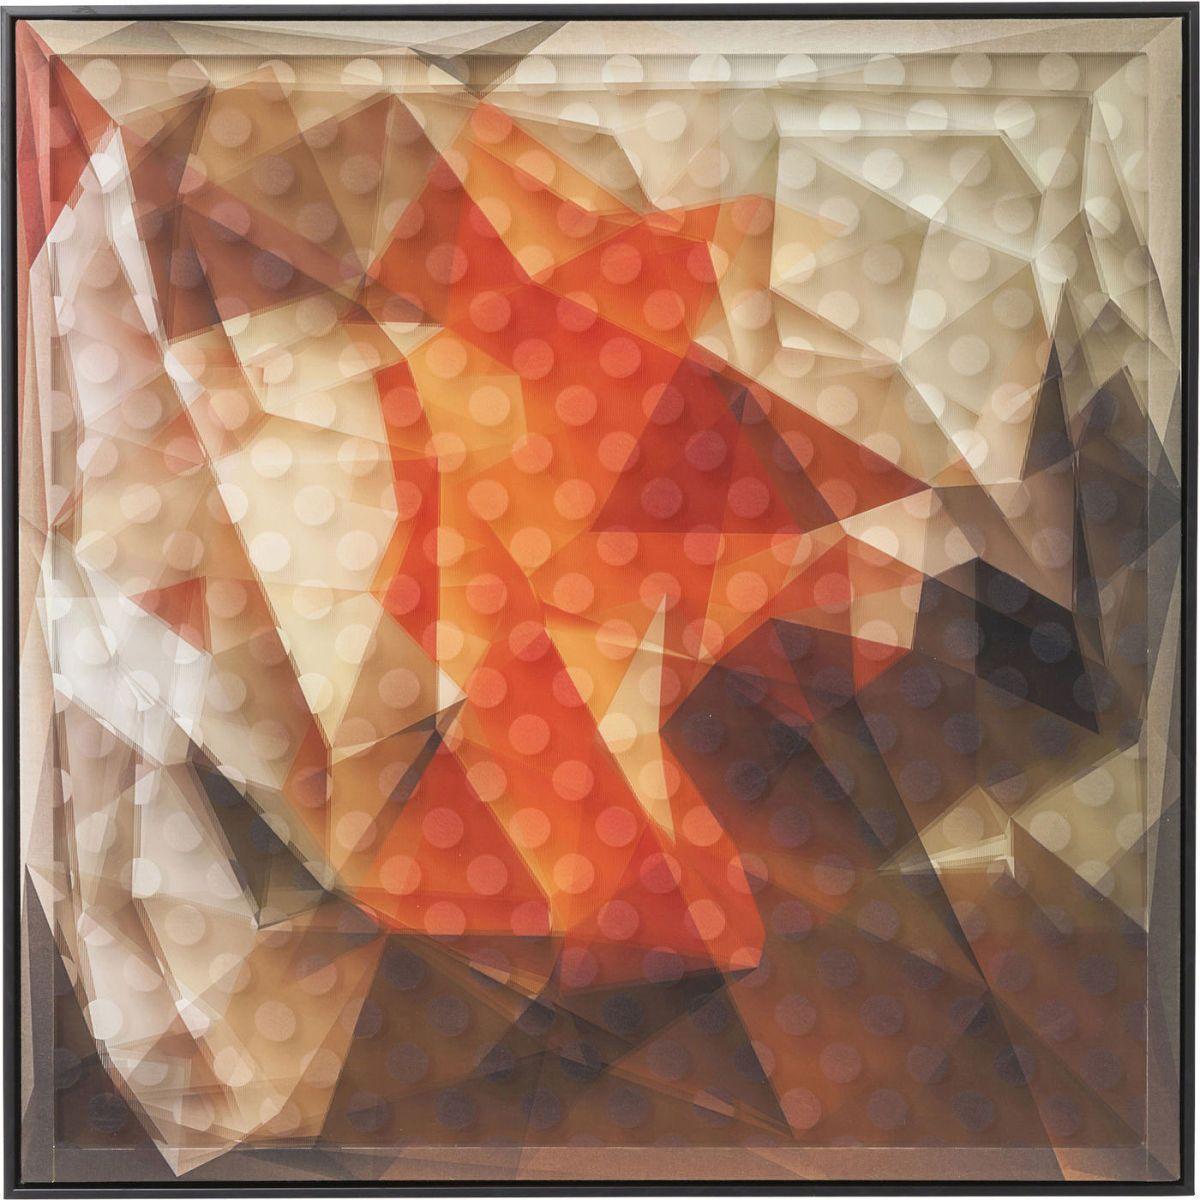 Bild Frame Art 3D Abstract Orange 80x80cm Jetzt bestellen